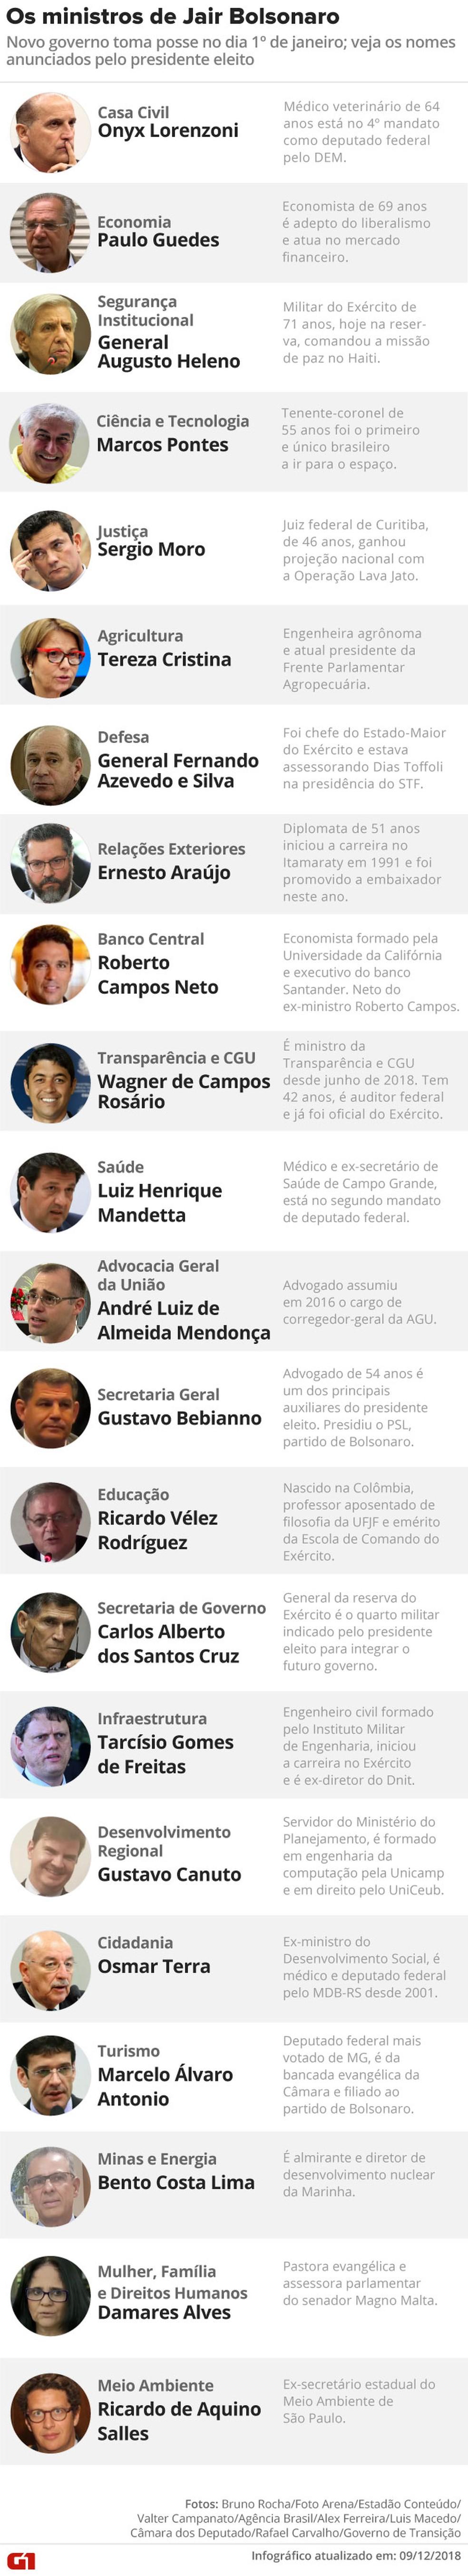 Os ministros de Bolsonaro — Foto: Arte/G1